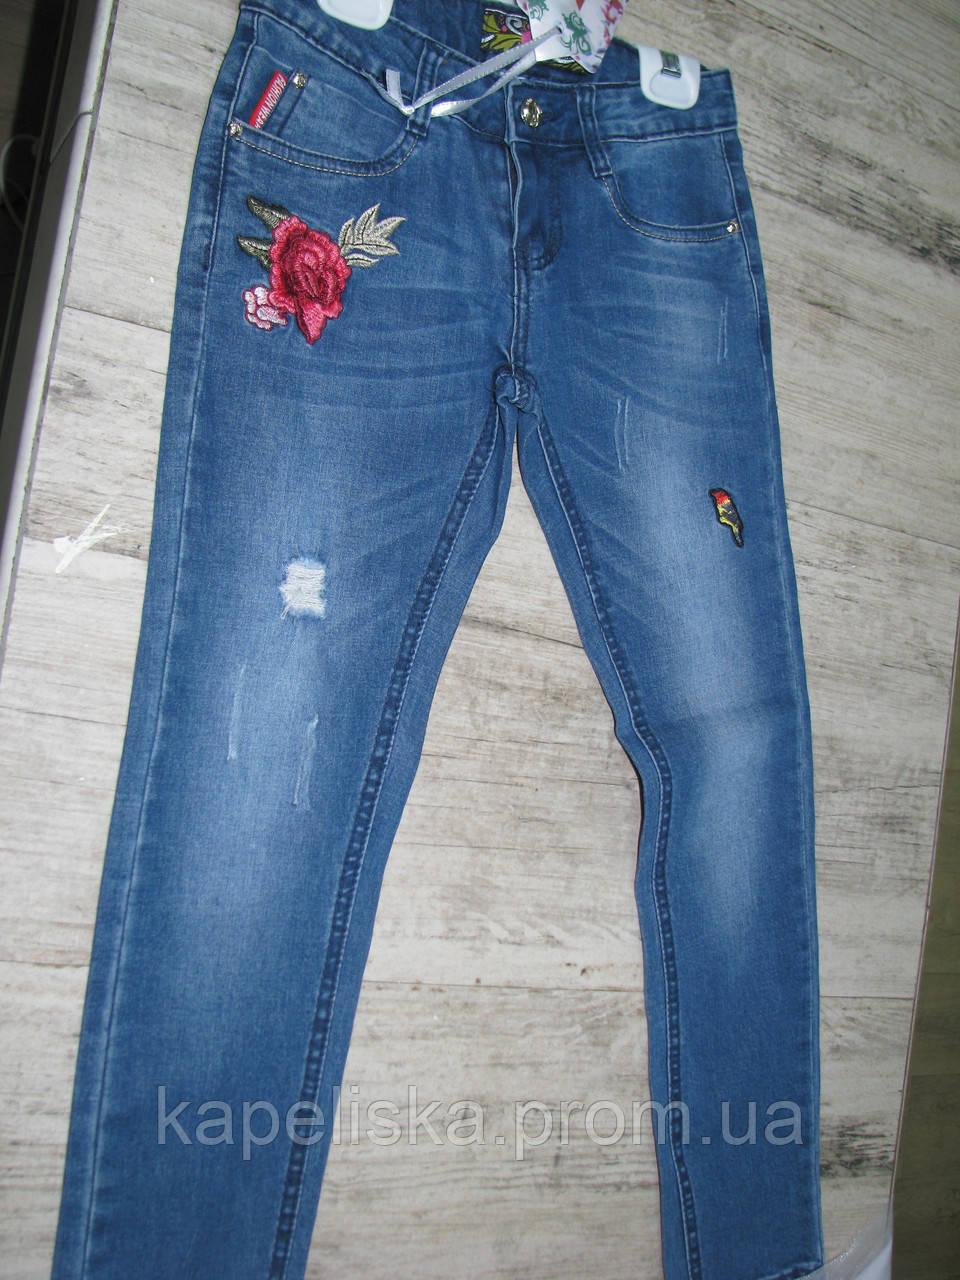 Джинси для дівчинки , джинсы для девочки